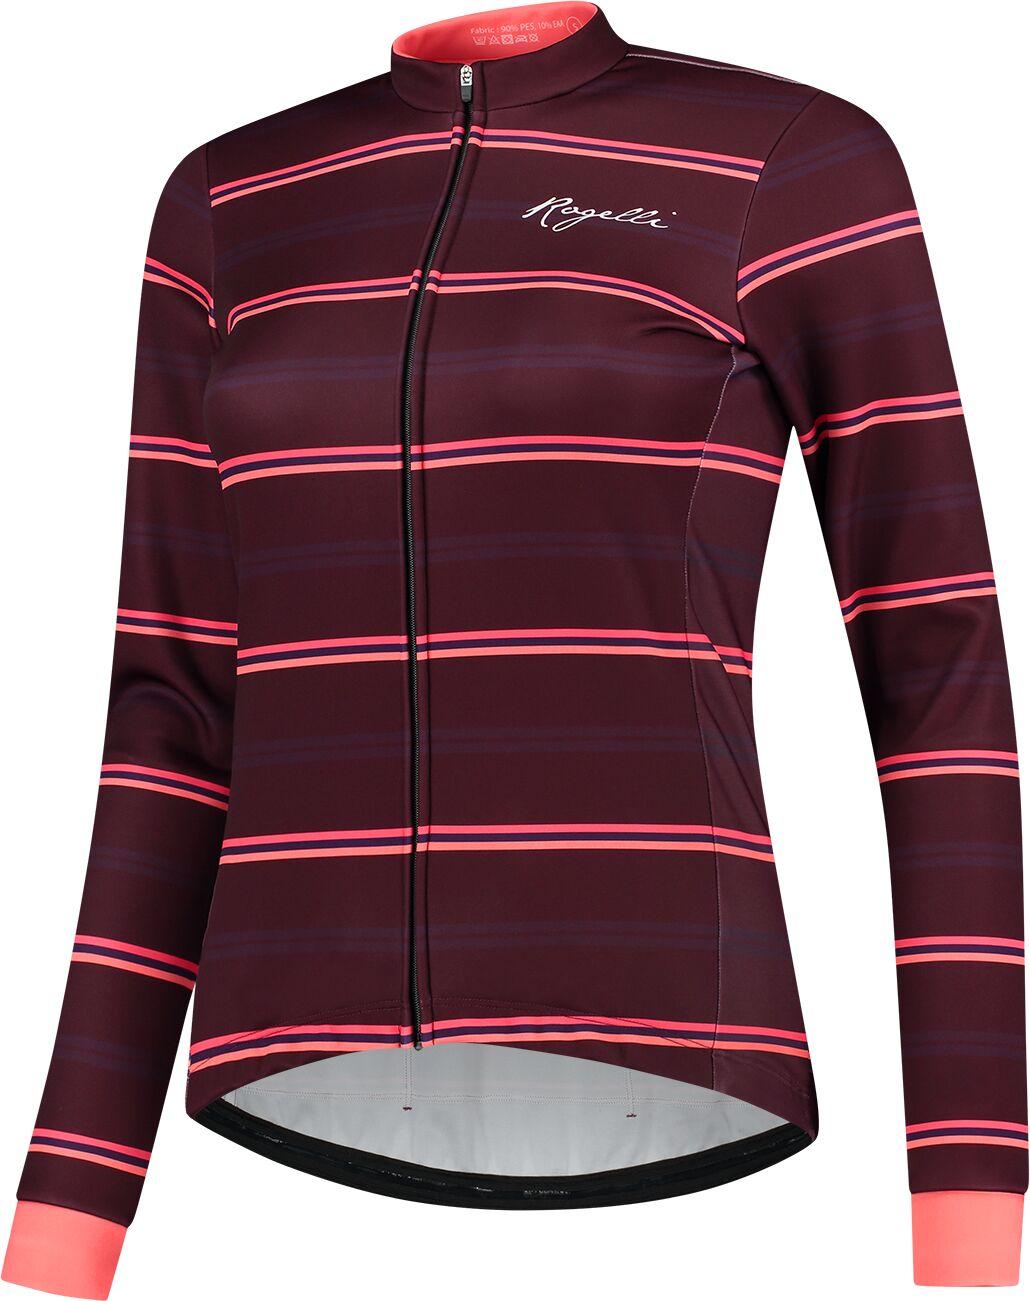 ROGELLI zimowa kurtka rowerowa damska STRIPE bordeaux/coral ROG351089 Rozmiar: XS,ROG351089.XS